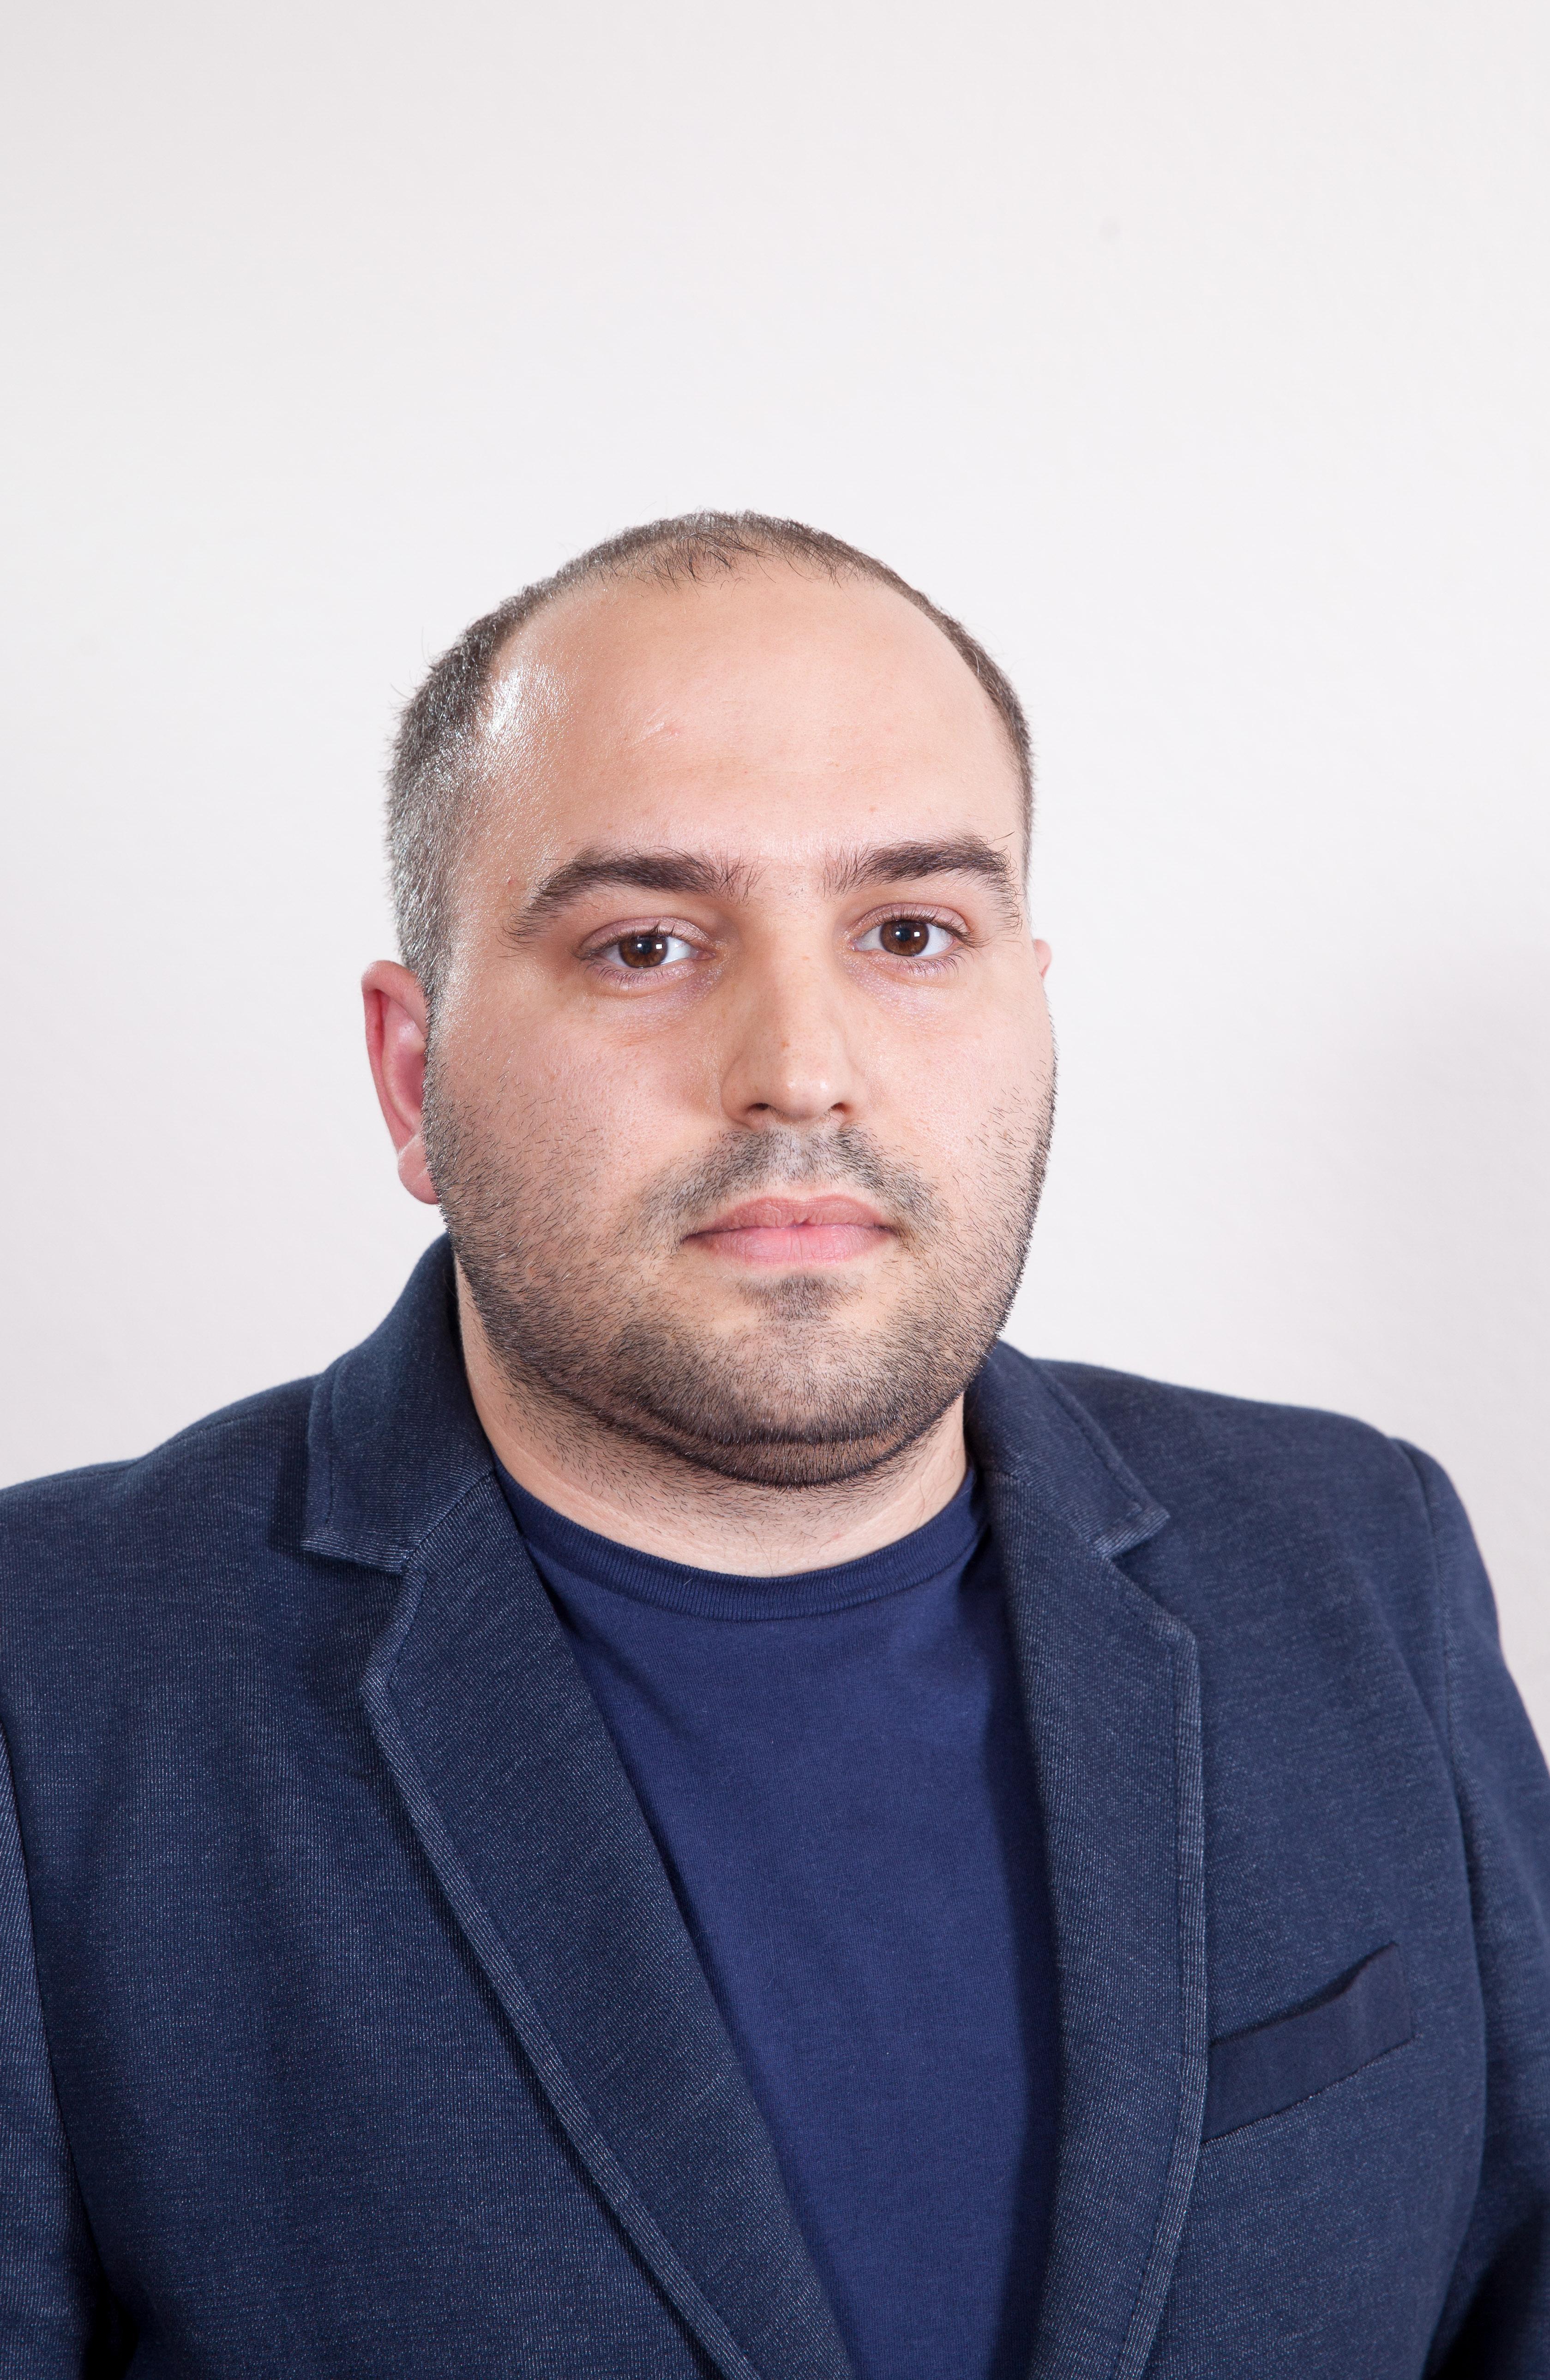 Богомолов Сергей Вячеславович